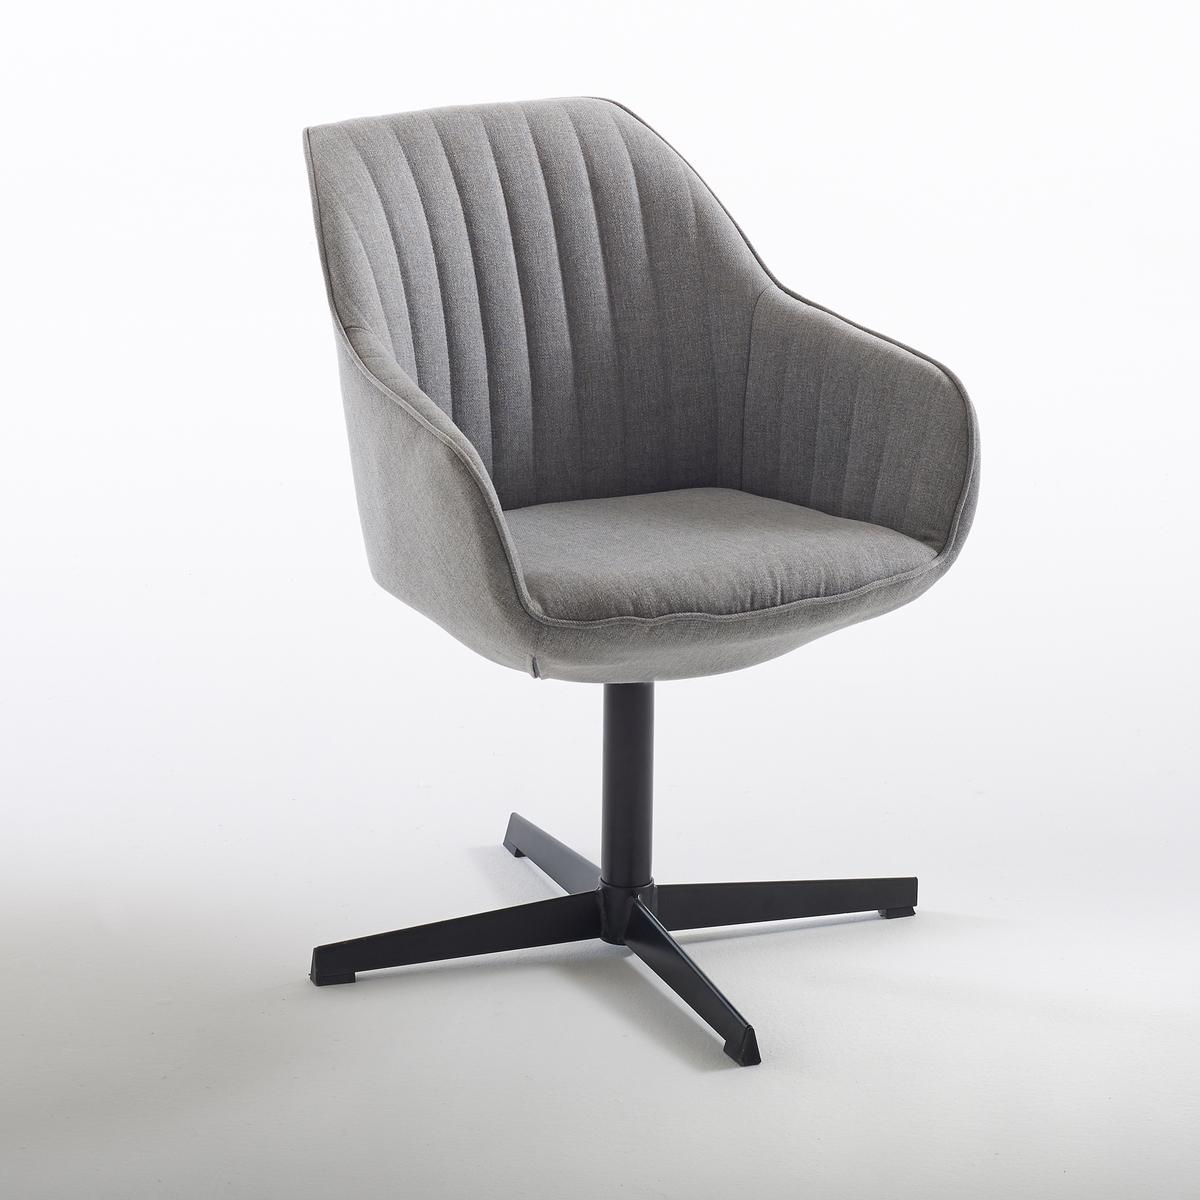 Кресло офисное поворотное NumaКресло офисное поворотное Numa. Эргономичная форма, мягкое сиденье и стёганая подкладка на спинке, благодаря этому Numa отвечают  высококлассному дизайну.Описание кресла офисного Numa :Поворотное сидение, не регулируется по высоте.Сиденье и спинка из 100% полиэстера.Прокладка пористая из полиуретана.Ножки с перекрестием из стали с эпоксидным покрытием чёрного цвета.Все стулья и кресла офисные Вы найдёте на сайте laredoute.ruРазмеры кресла офисного Numa :ОбщиеШирина : 64,5 смВысота : 79 смГлубина : 67,5 см.Сиденье : длина 41 x высота 45 x глубина 43,5 смНожки : высота 32 смОснование : ?64,5 смРазмеры и вес упаковки :1 упаковкадлина 62 x высота 53,5 x глубина 58,5 см11 кг.Доставка :Ваше кресло офисное поворотное Numa продаётся в сборе. Возможна доставка до квартиры !Внимание ! Убедитесь, что товар возможно доставить на дом, учитывая его габариты (проходит в двери, по лестницам, в лифты).<br><br>Цвет: светло-серый